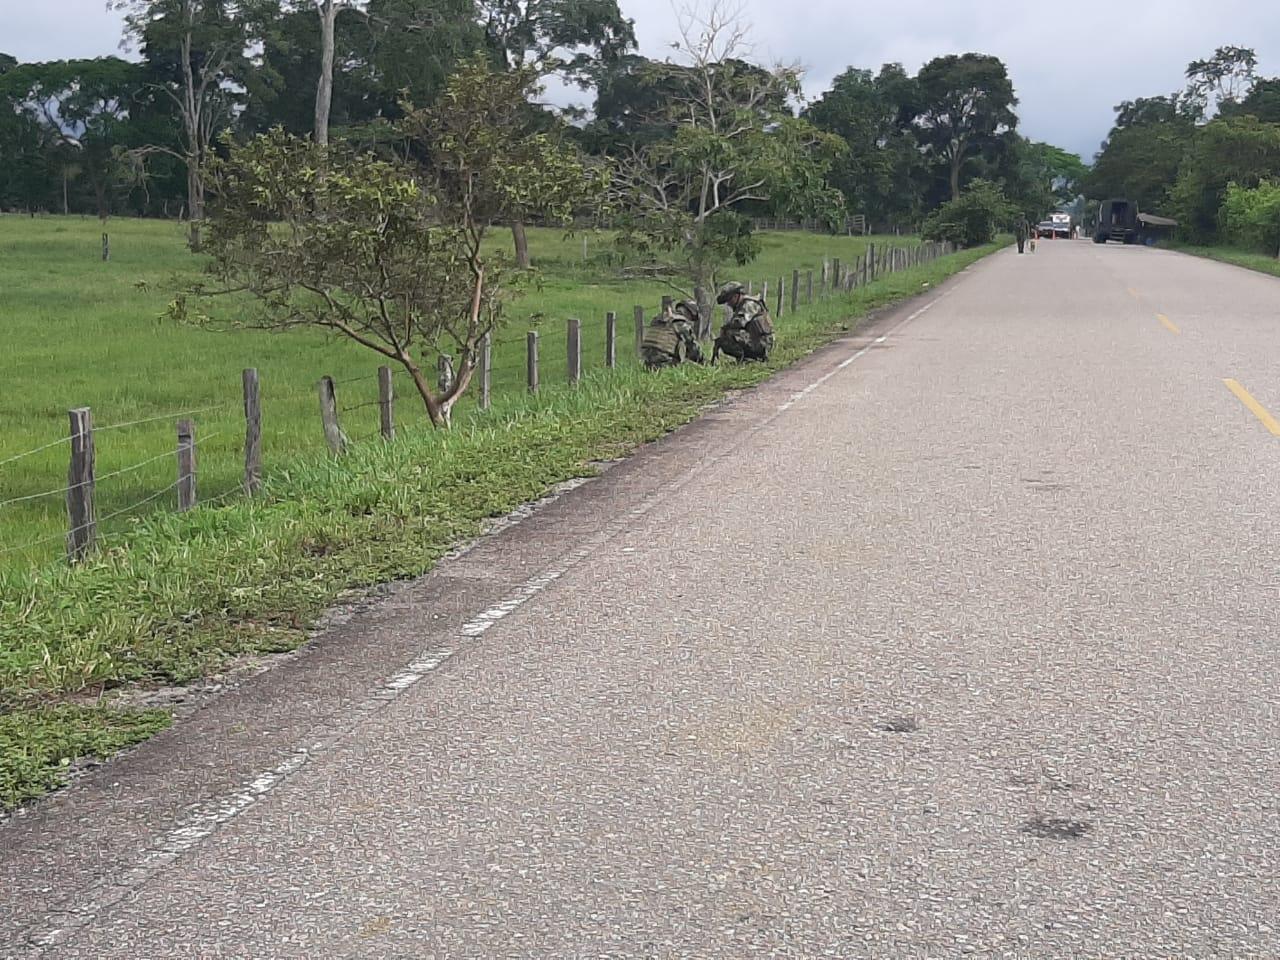 Ejercito desactivó carga explosiva en la vía Tame-Fortul